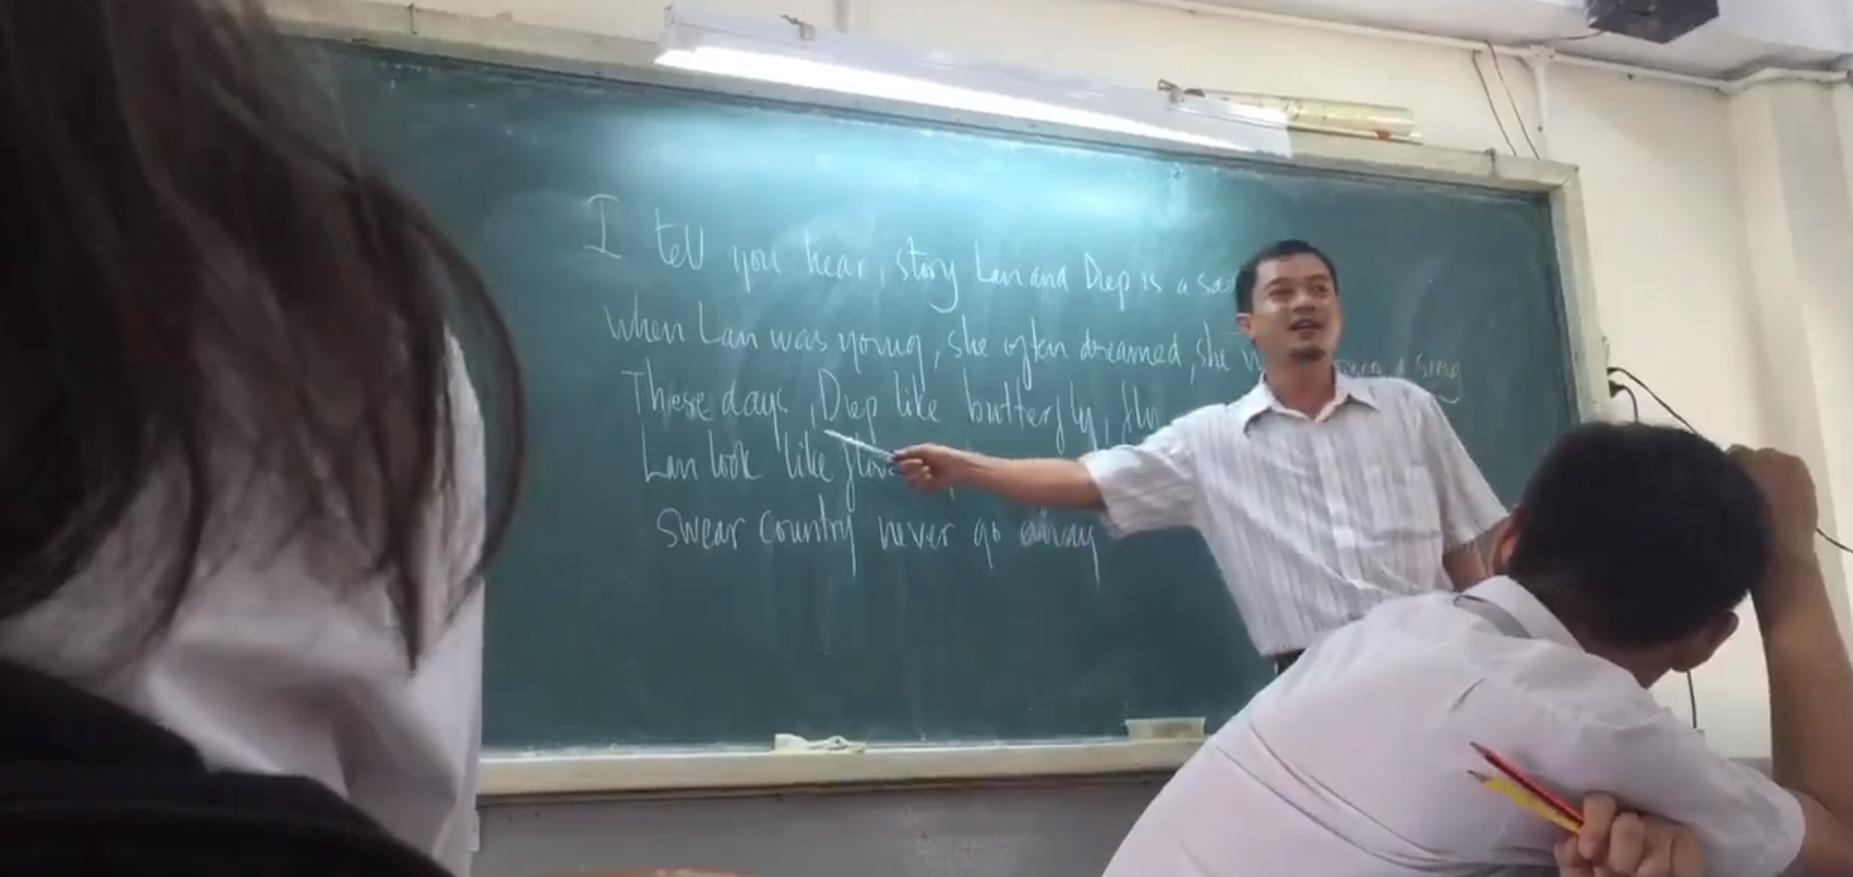 Thầy giáo dạy tiếng Anh theo phong cách Tài Smile cực bá đạo khiến dân mạng thích thú - Ảnh 2.